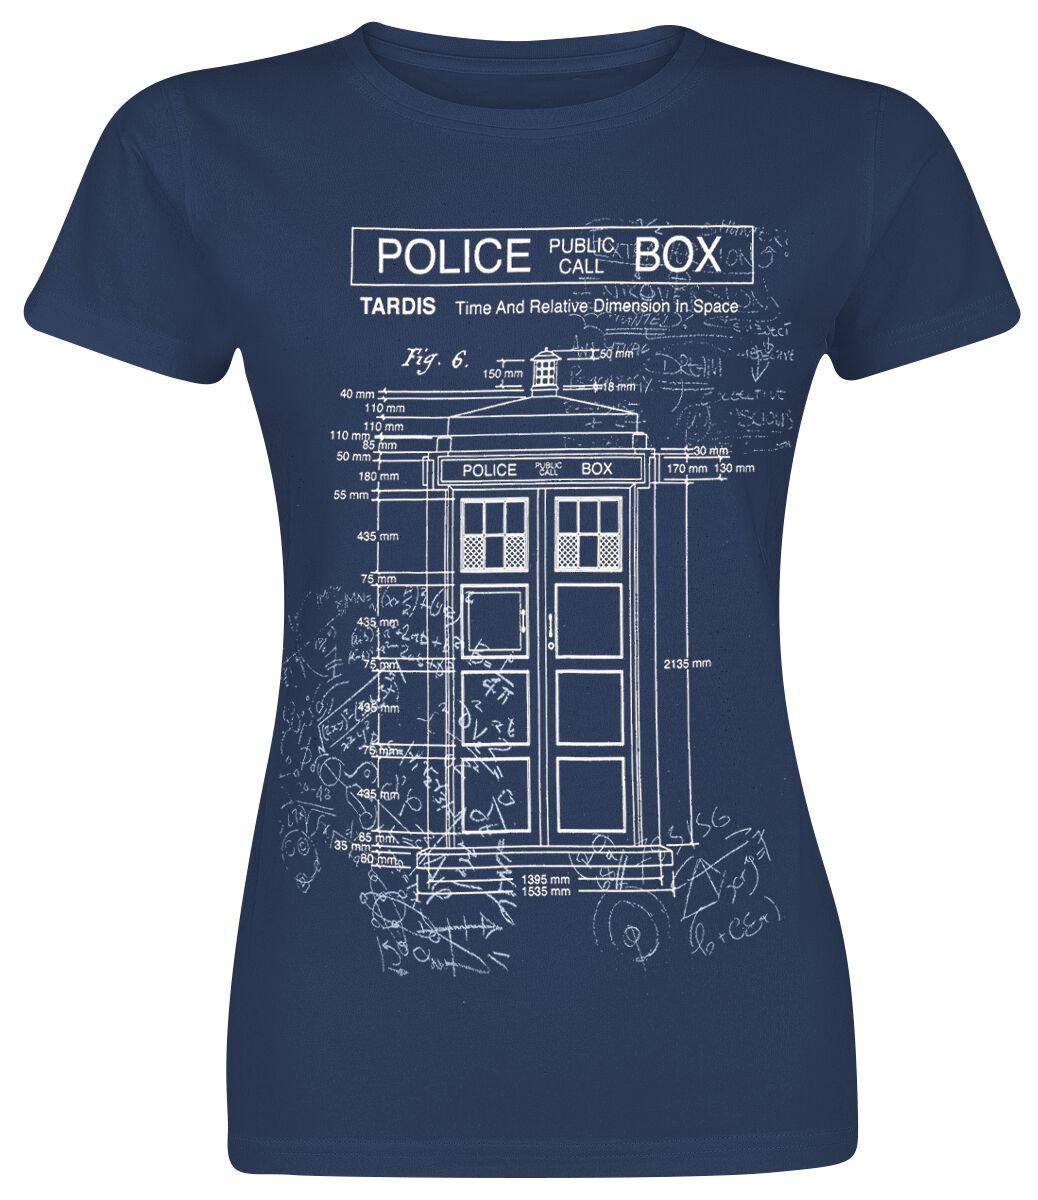 Doctor Who Tardis Blueprint Koszulka damska granatowy